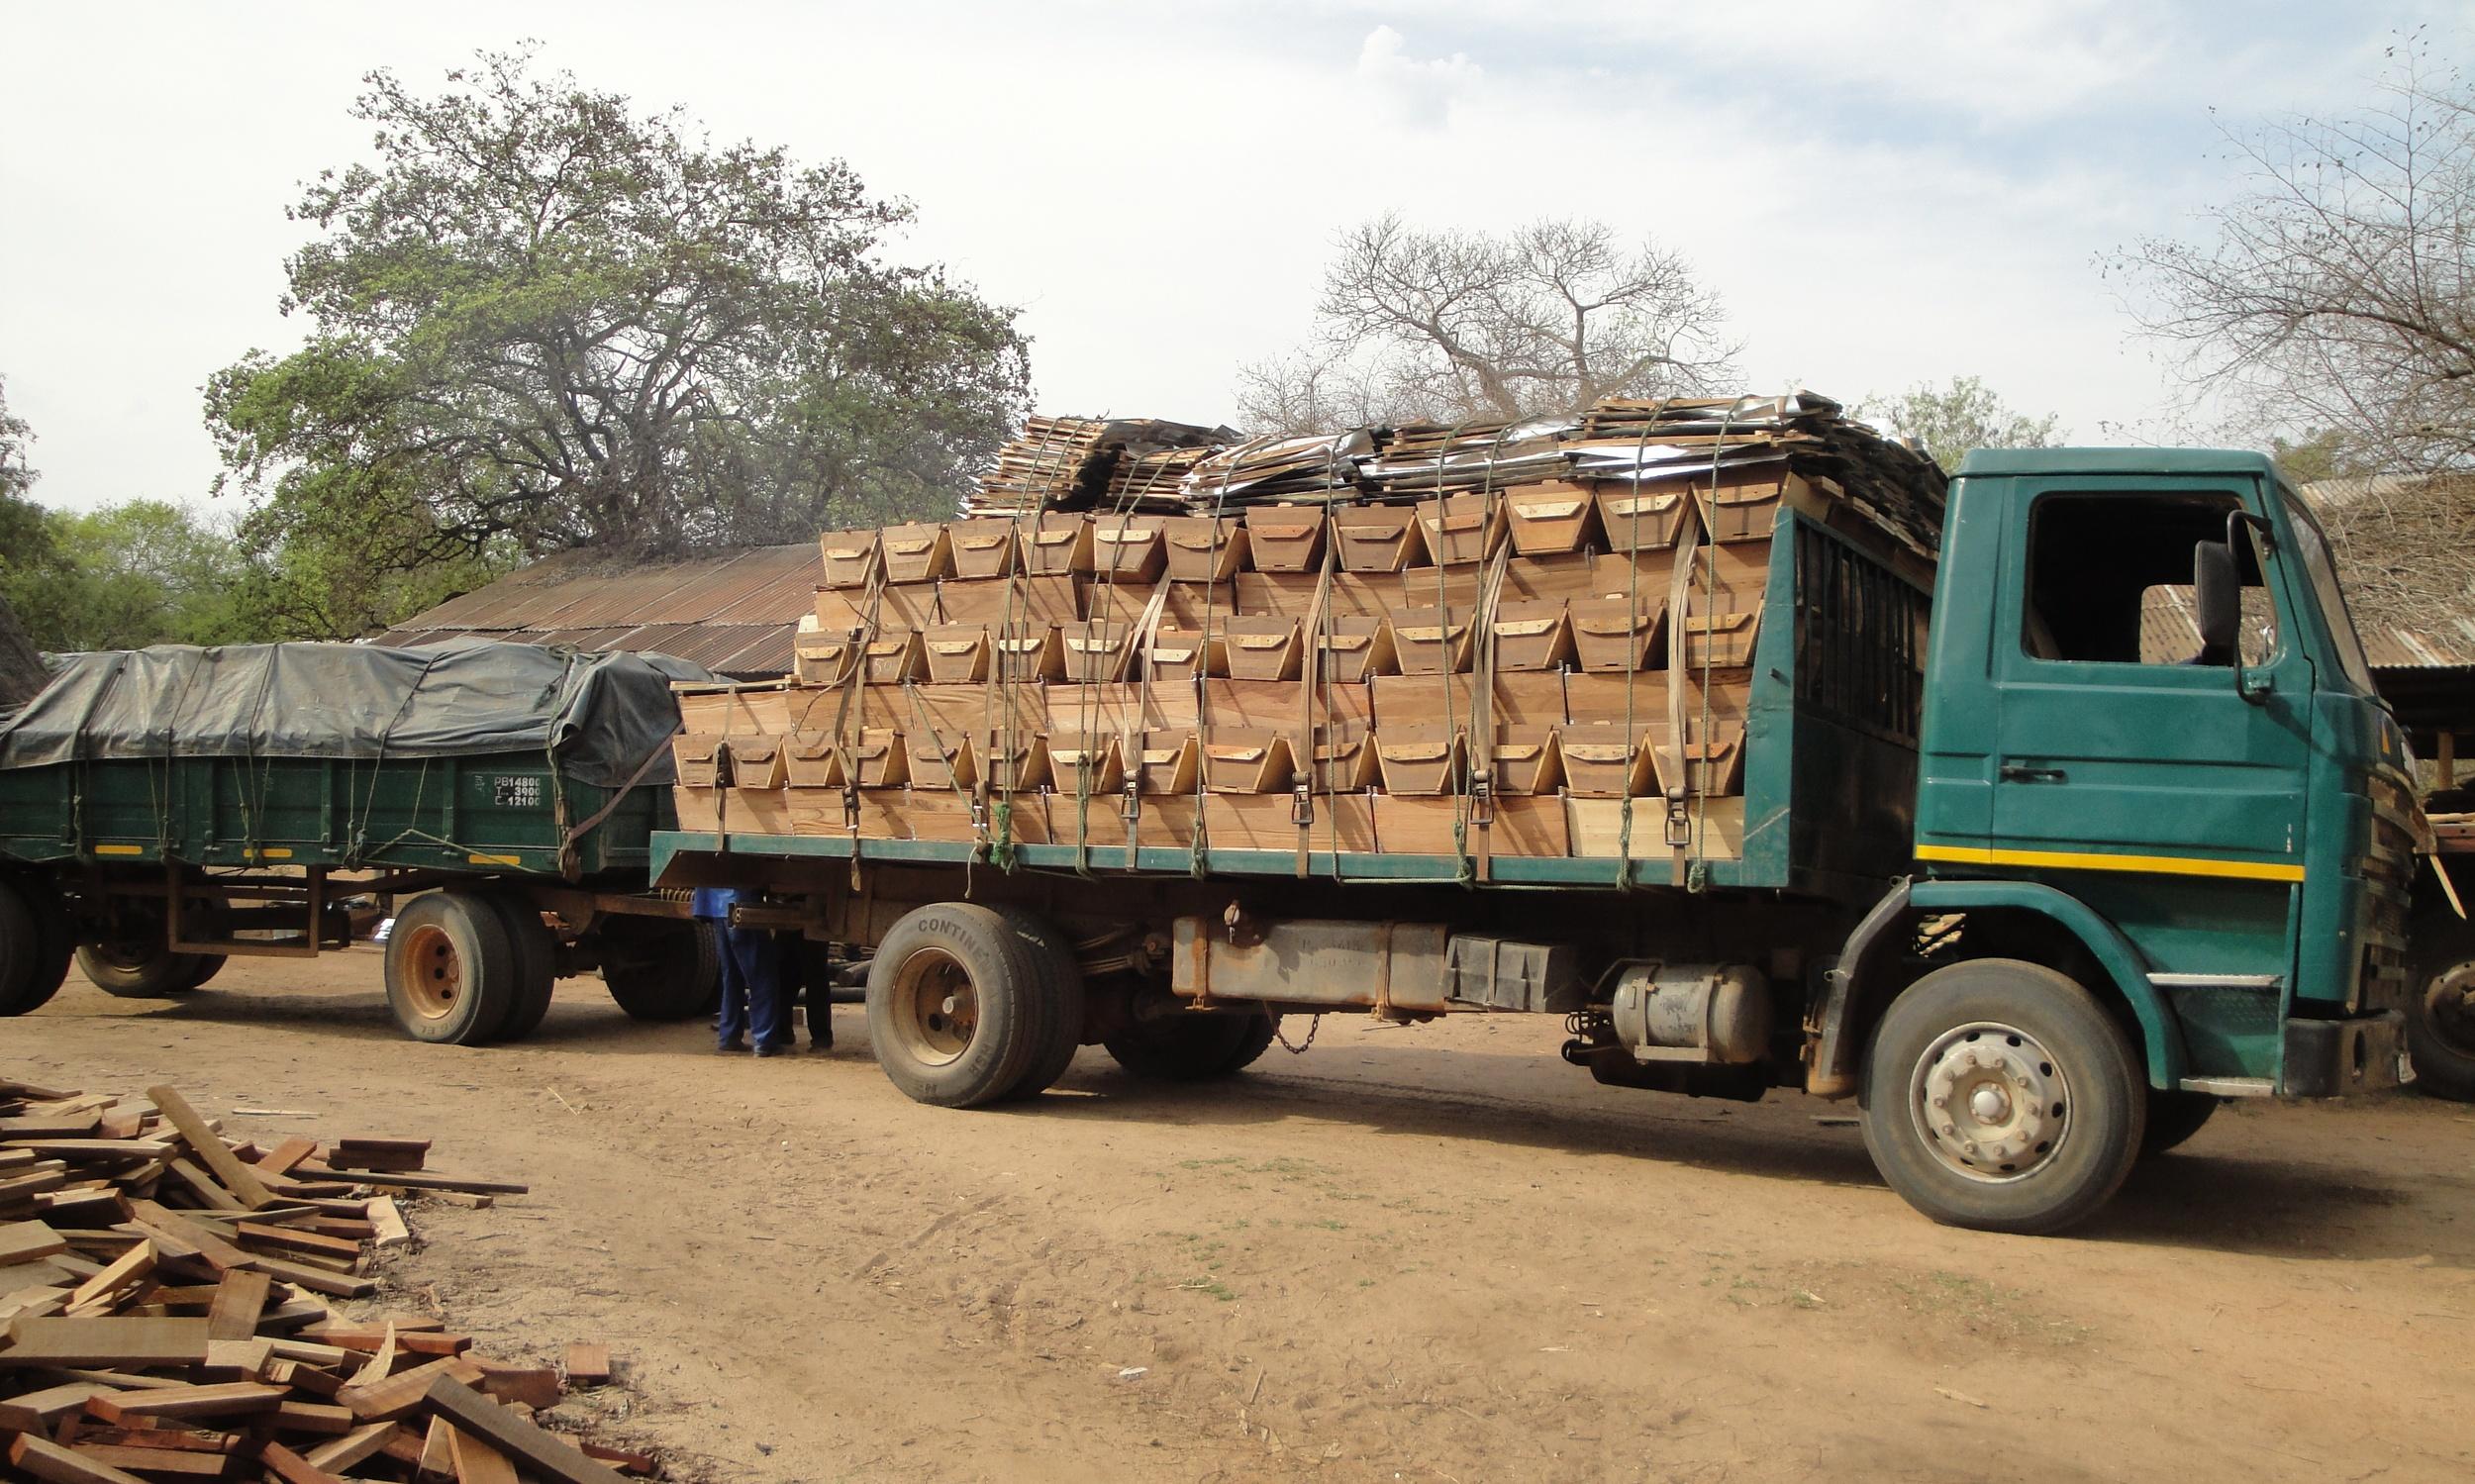 Camião a sair com encomendas  - Truck leaving with a delivery